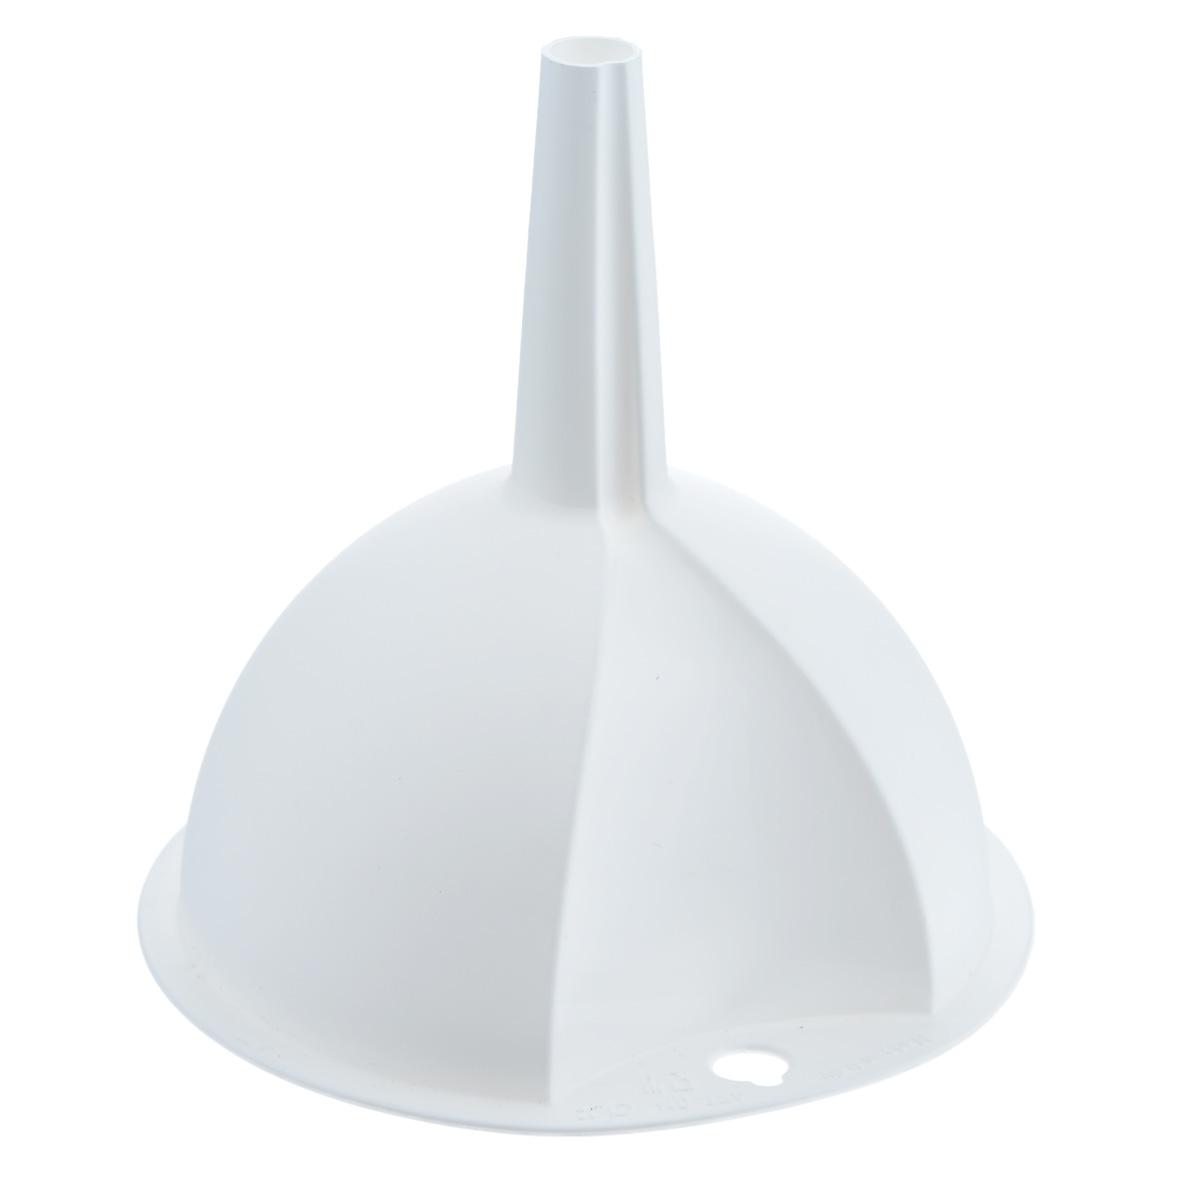 Воронка Metaltex, цвет: белый, диаметр 12 см18.40.12Воронка Metaltex, выполненная из пластика, станет незаменимым аксессуаром на вашей кухне. Воронка плотно прилегает к краям наполняемой емкости, и вы не прольете ни капли мимо.Она отлично послужит для переливания жидкостей в сосуд с узким горлышком. Диаметр воронки:12 см.Высота ножки: 6 см.